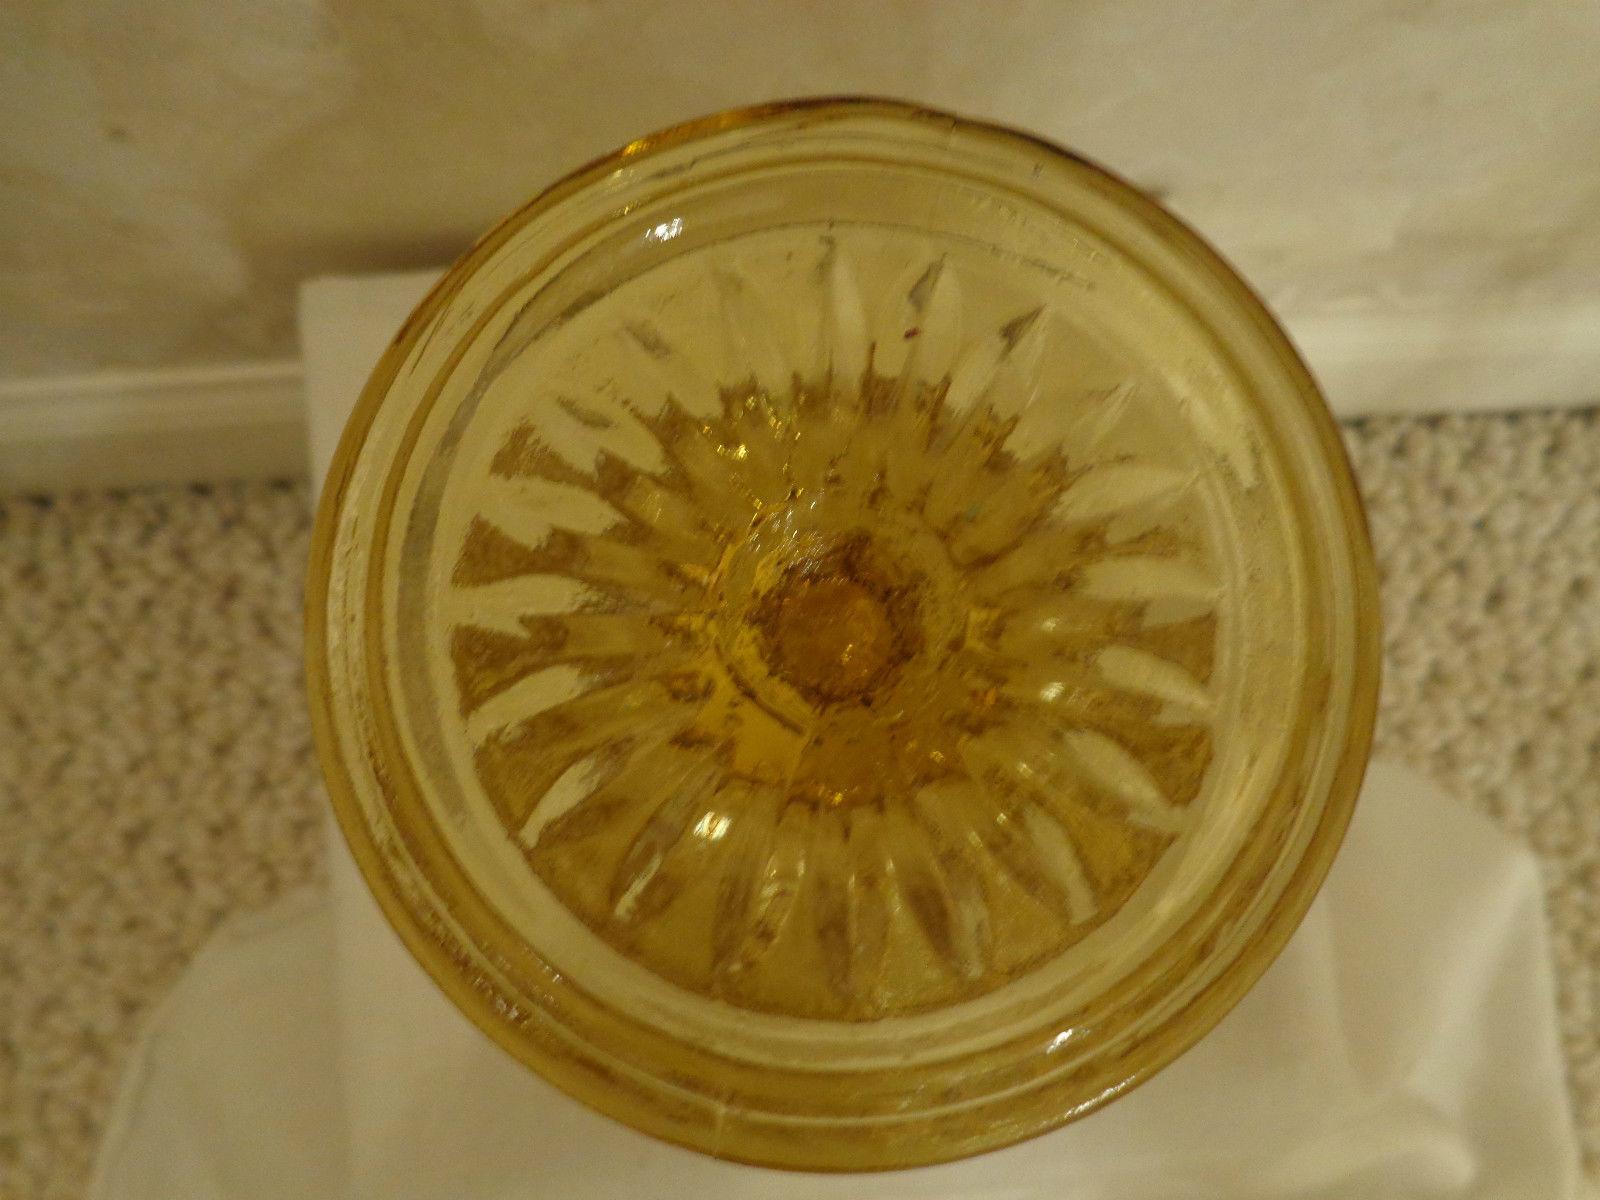 GOLDEN/AMBER GLASS GOBLET (#0350)